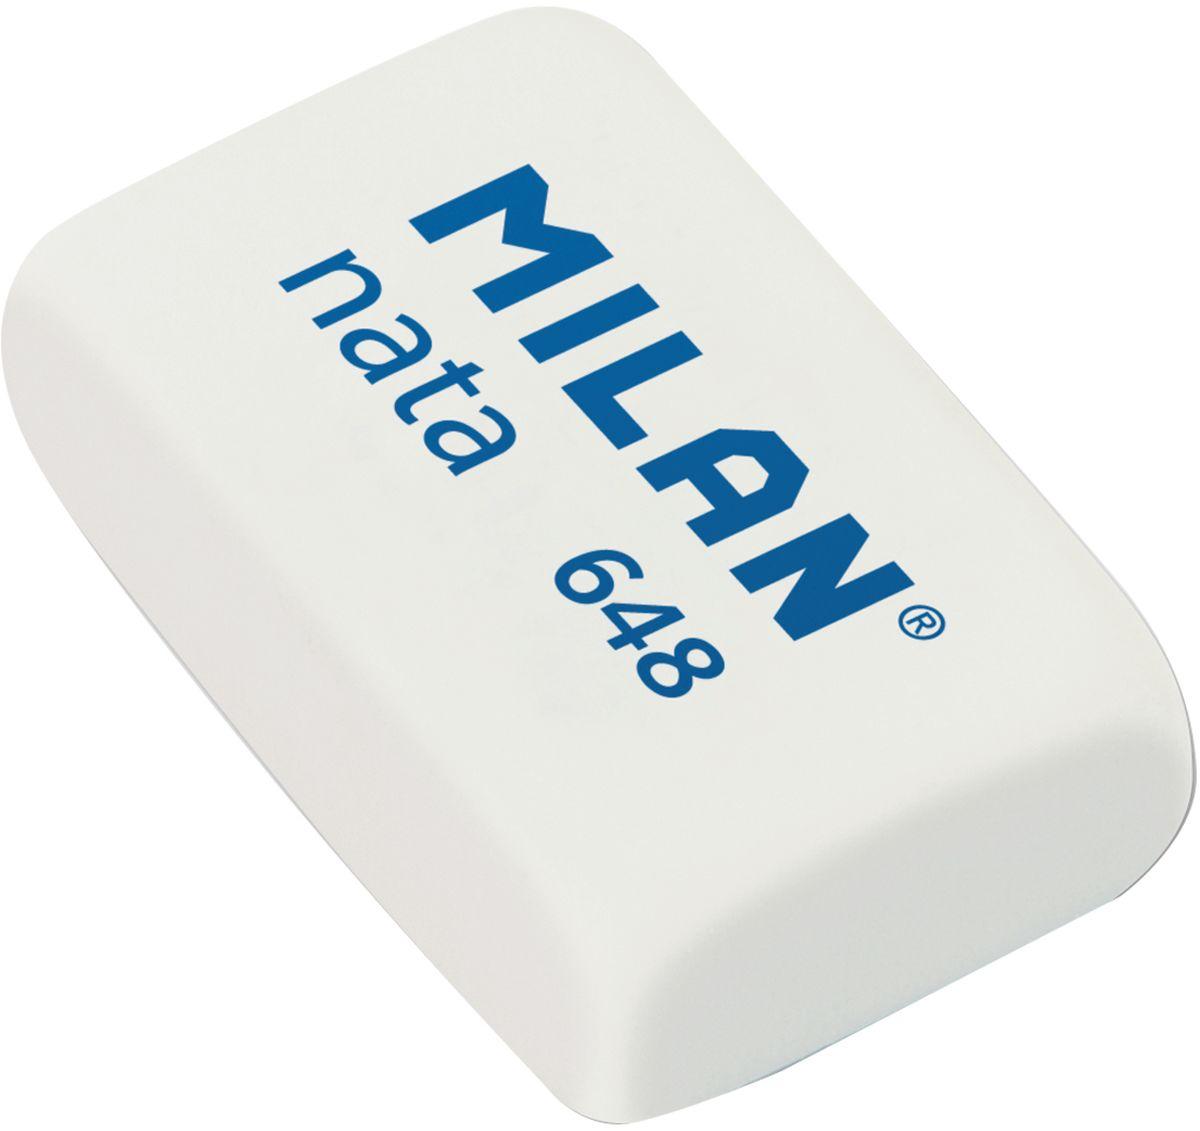 Milan Ластик Nata 648 прямоугольныйCPM648NЛастик Milan Nata 648 производится с добавлением отбеливающих компонентов и обладает структурой средней жесткости. Все эти свойства гарантируют безупречную работу с любыми видами графита и цветных пигментов, а также бережное отношение к поверхности бумаги.